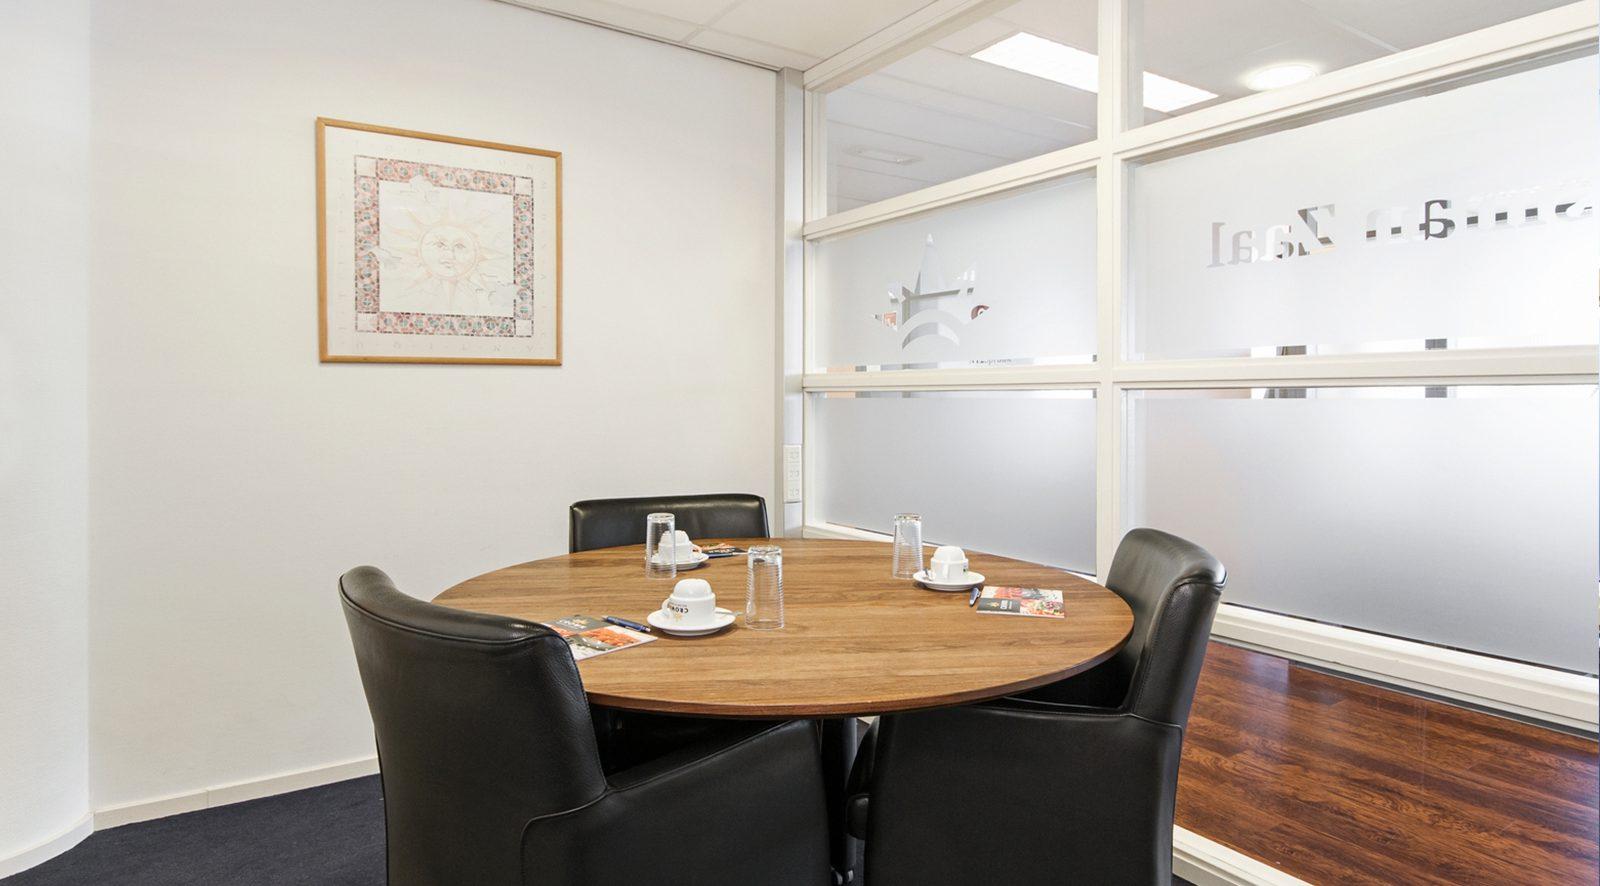 Verrgaderen in Leiden Key-Point | Crown Business Center Leiden Key-Point